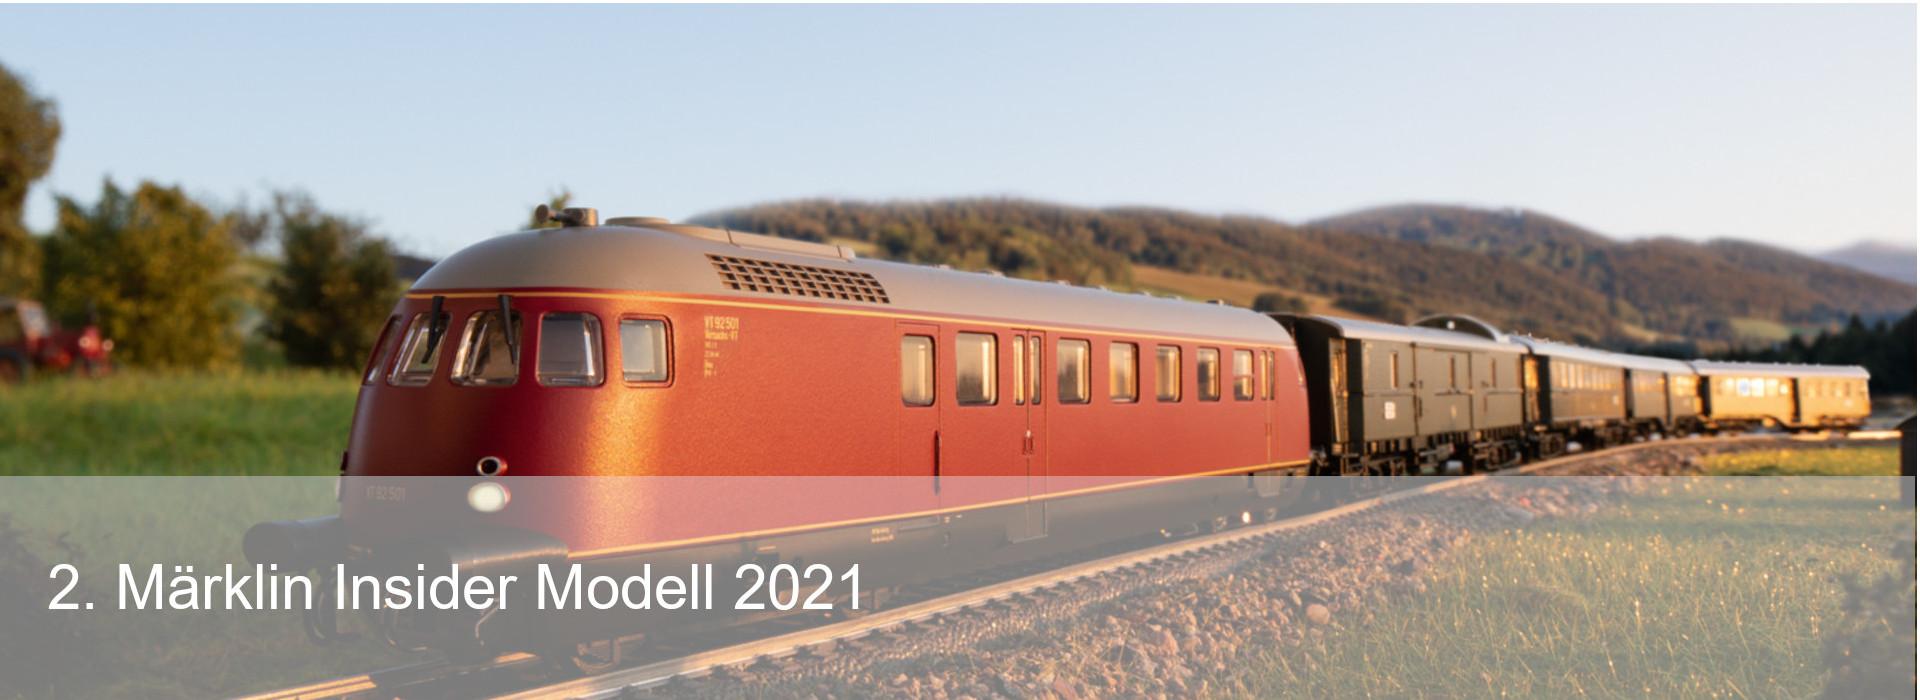 Slideshow 2. Märklin Insider Modell 2021